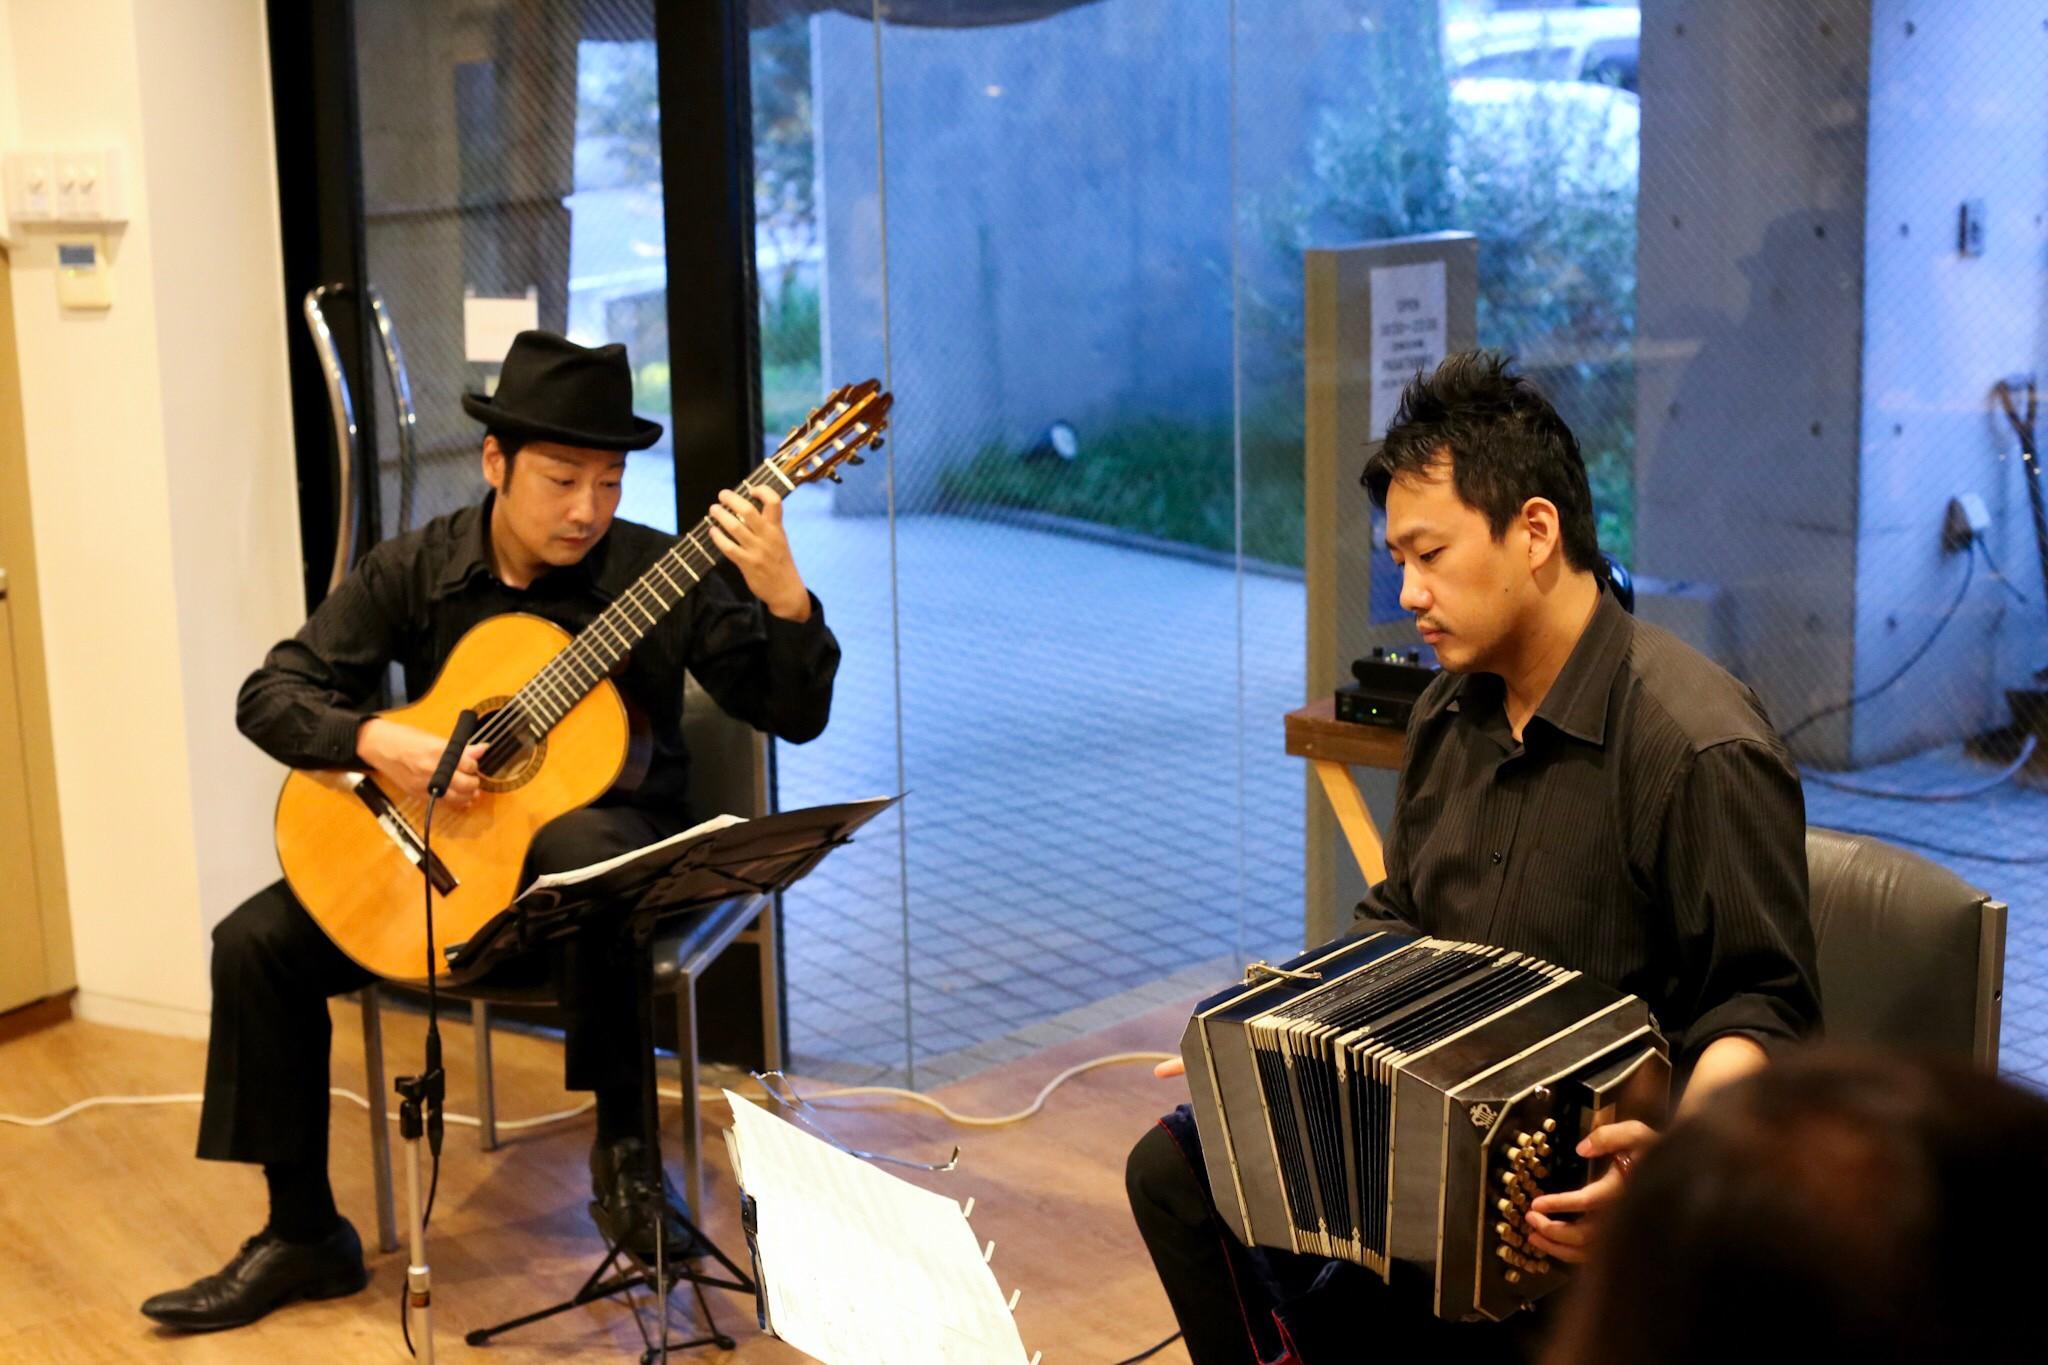 豊中市パサティエンポ タンゴ・グレリオ バンドネオン・星野俊路 ギター・米阪隆広